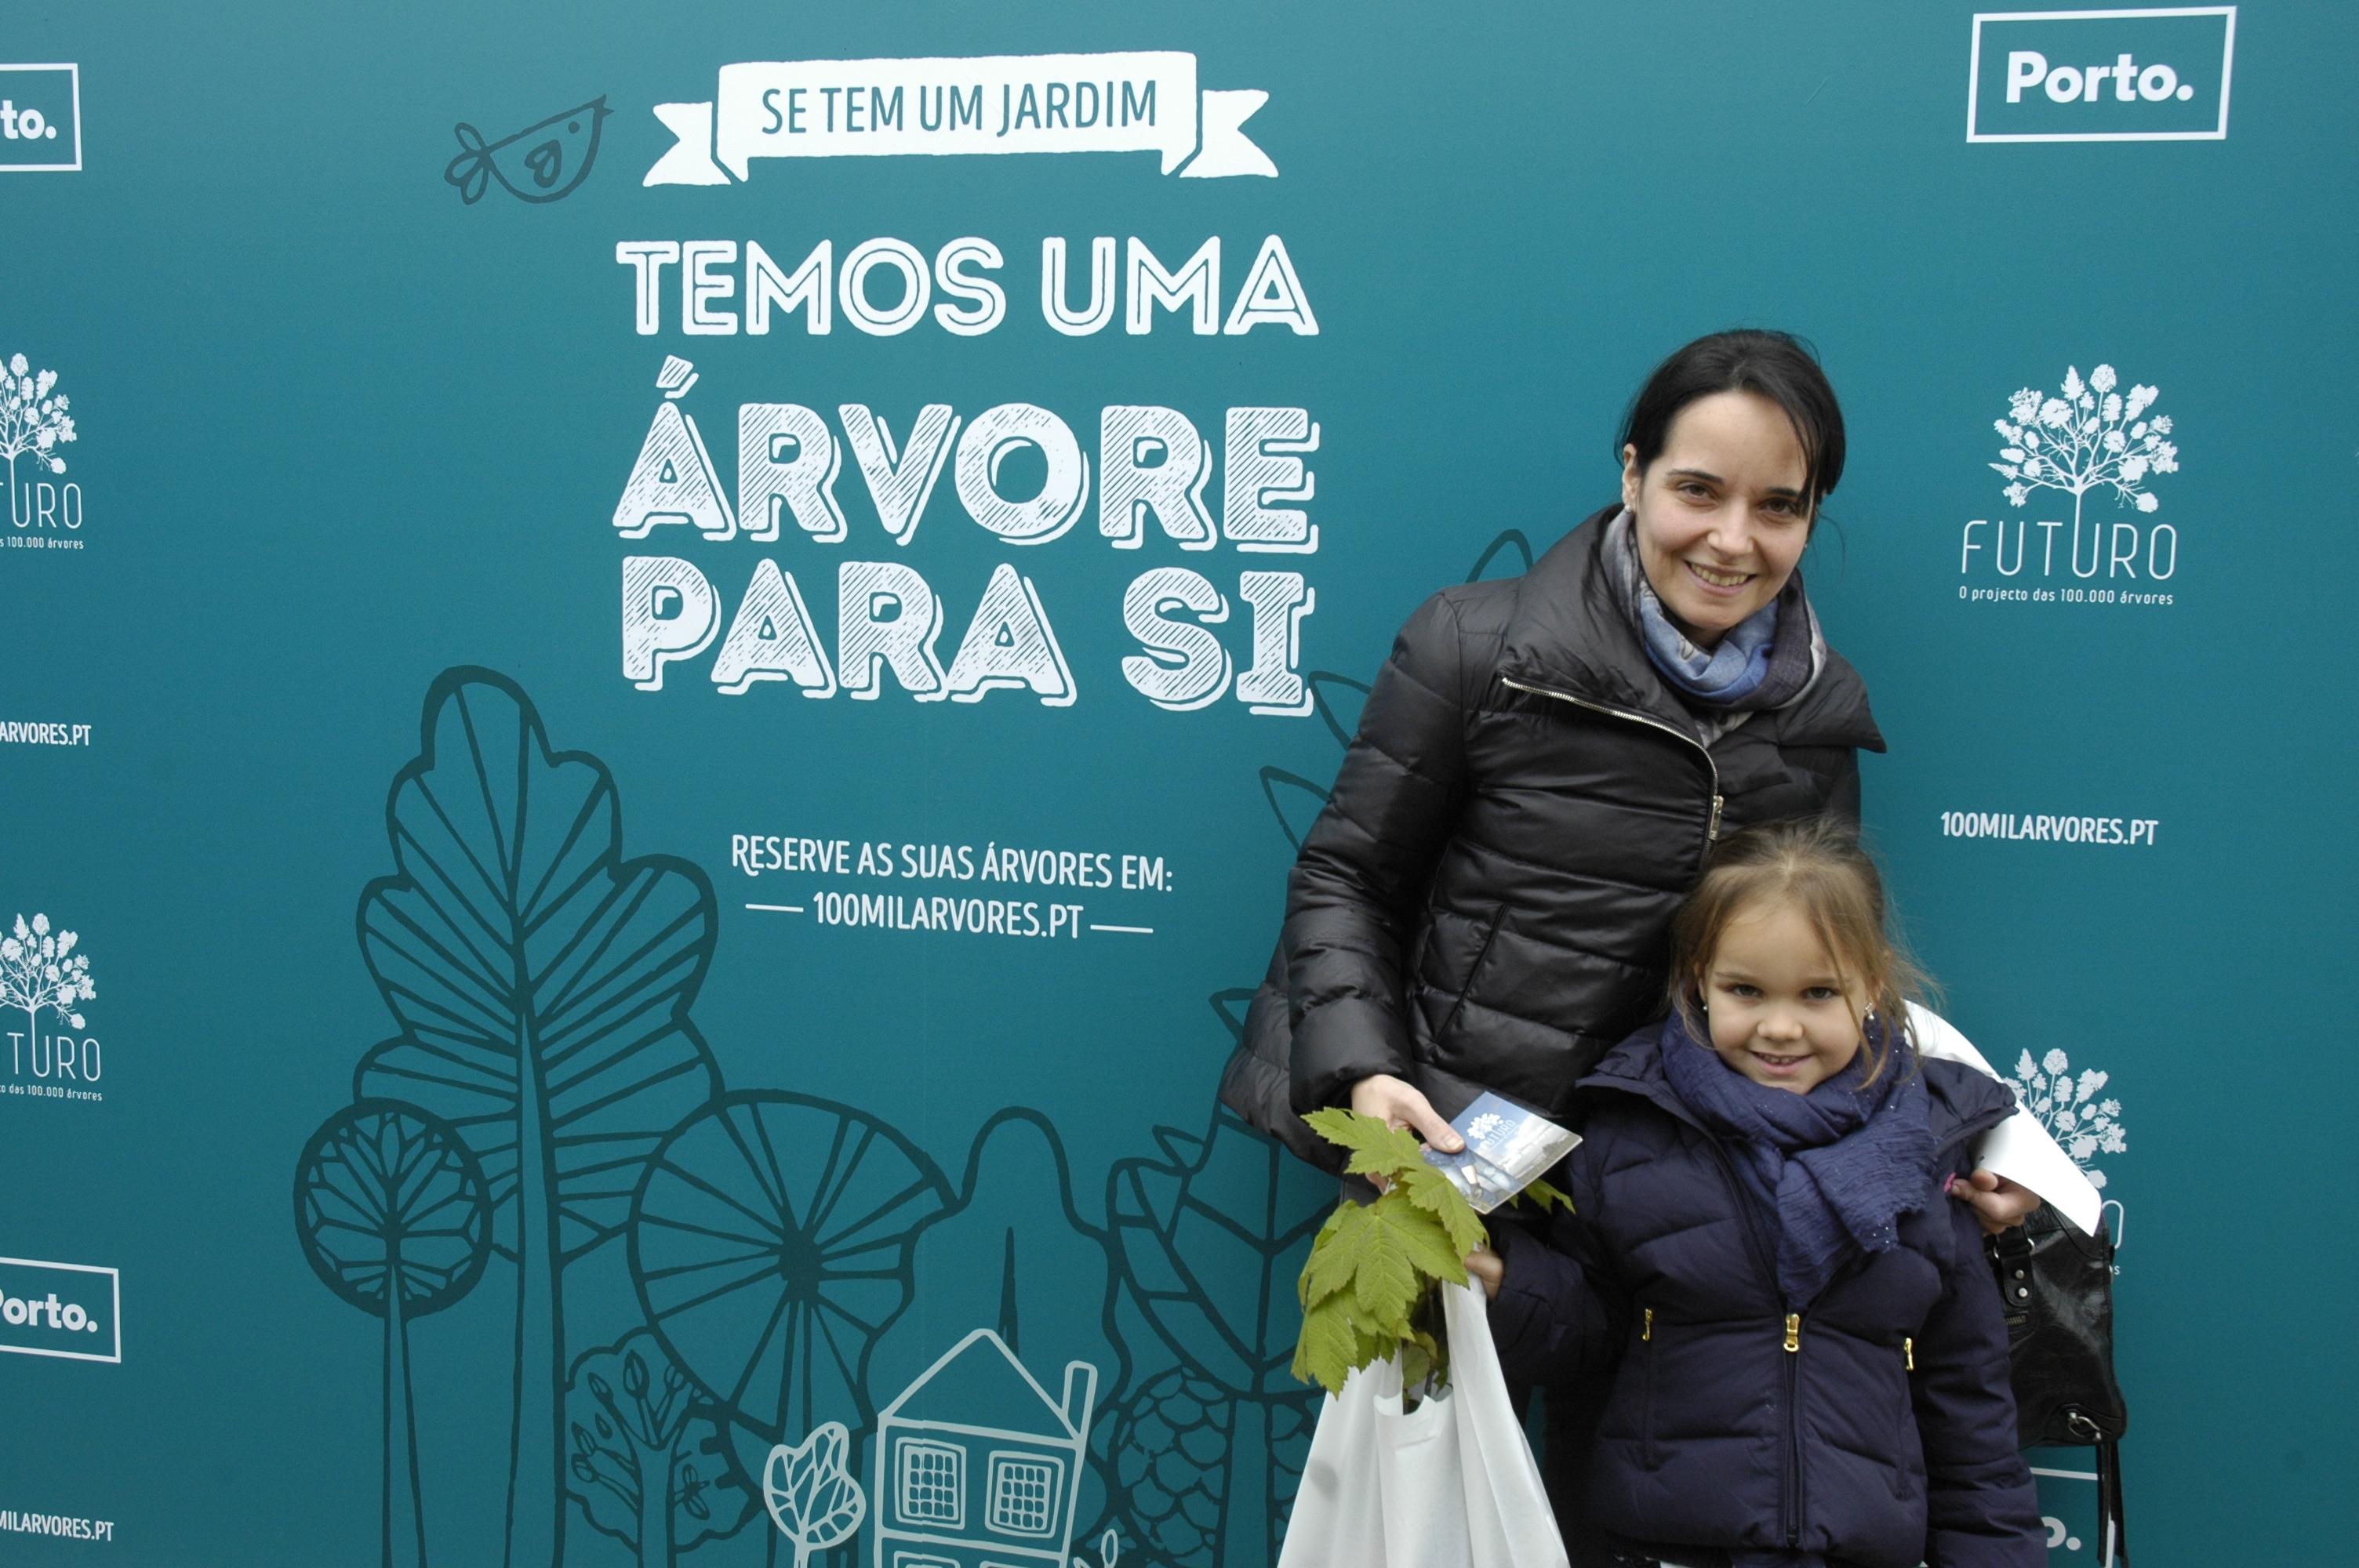 Se tem um jardim na Cidade do Porto temos uma árvore para si!